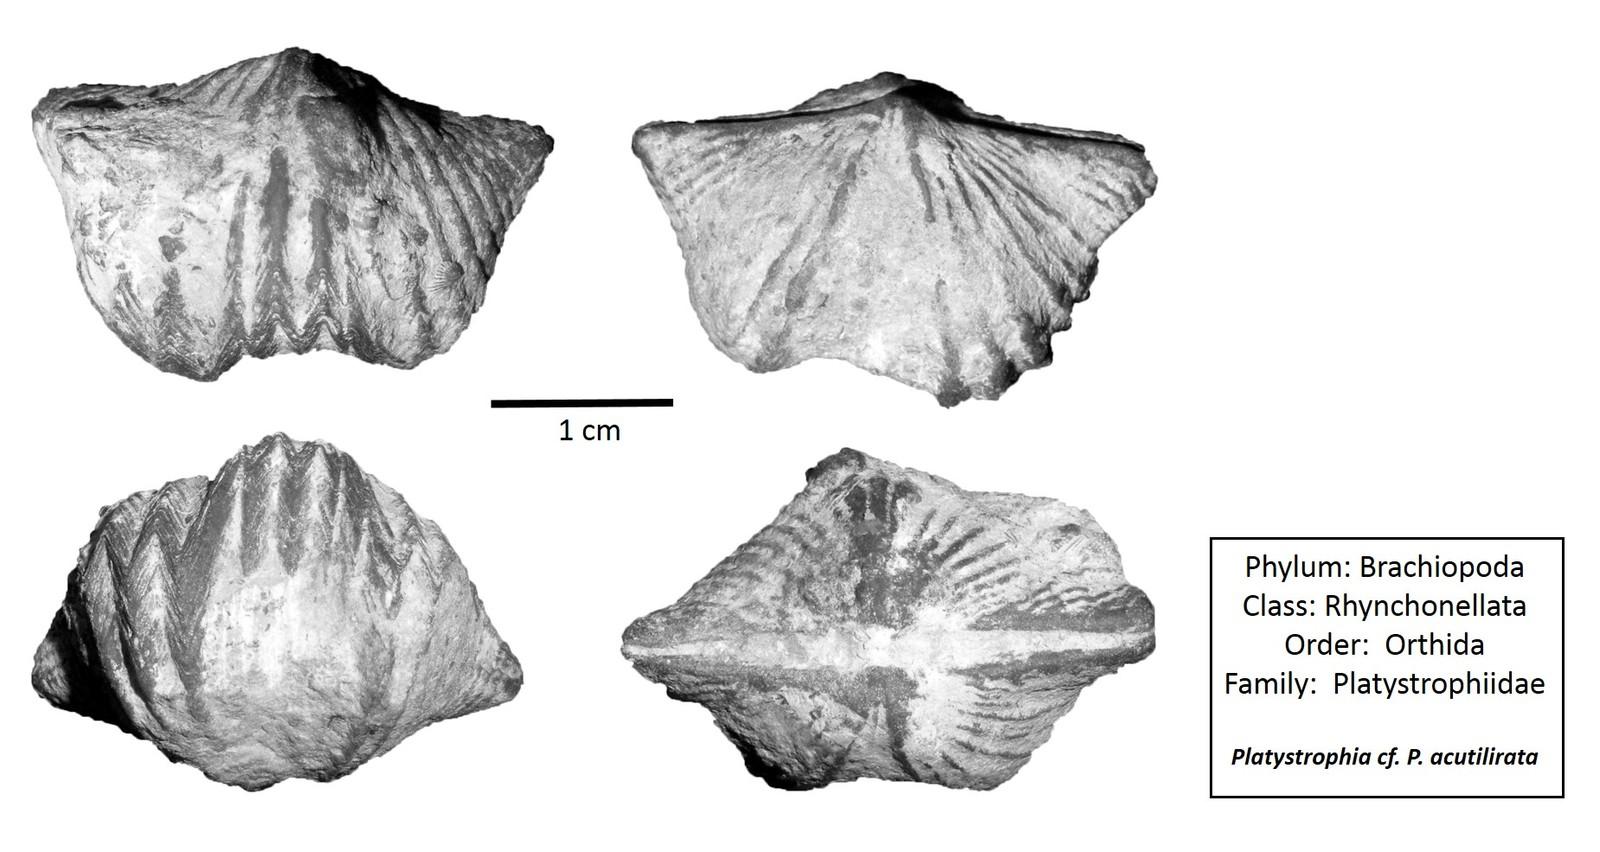 Platystrophia cf. P. acutilirata